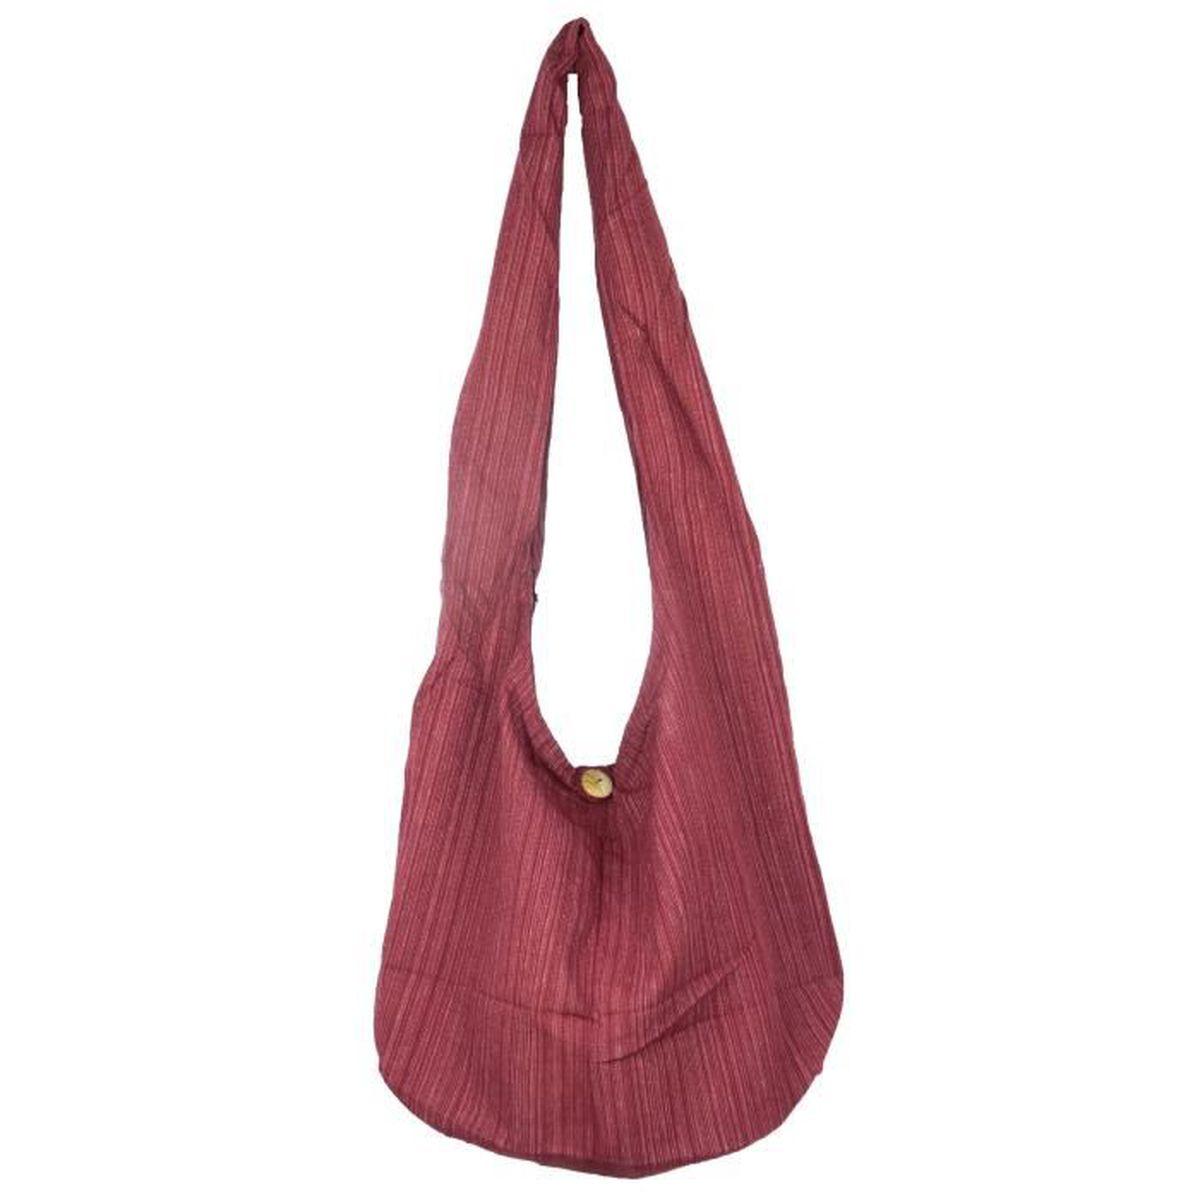 Lxf20 Femmes Sac PU Épaule Sac Sacs À Main Messenger Bag Sacs À Main Pochette 3 Pièce Chaussures et Sacs